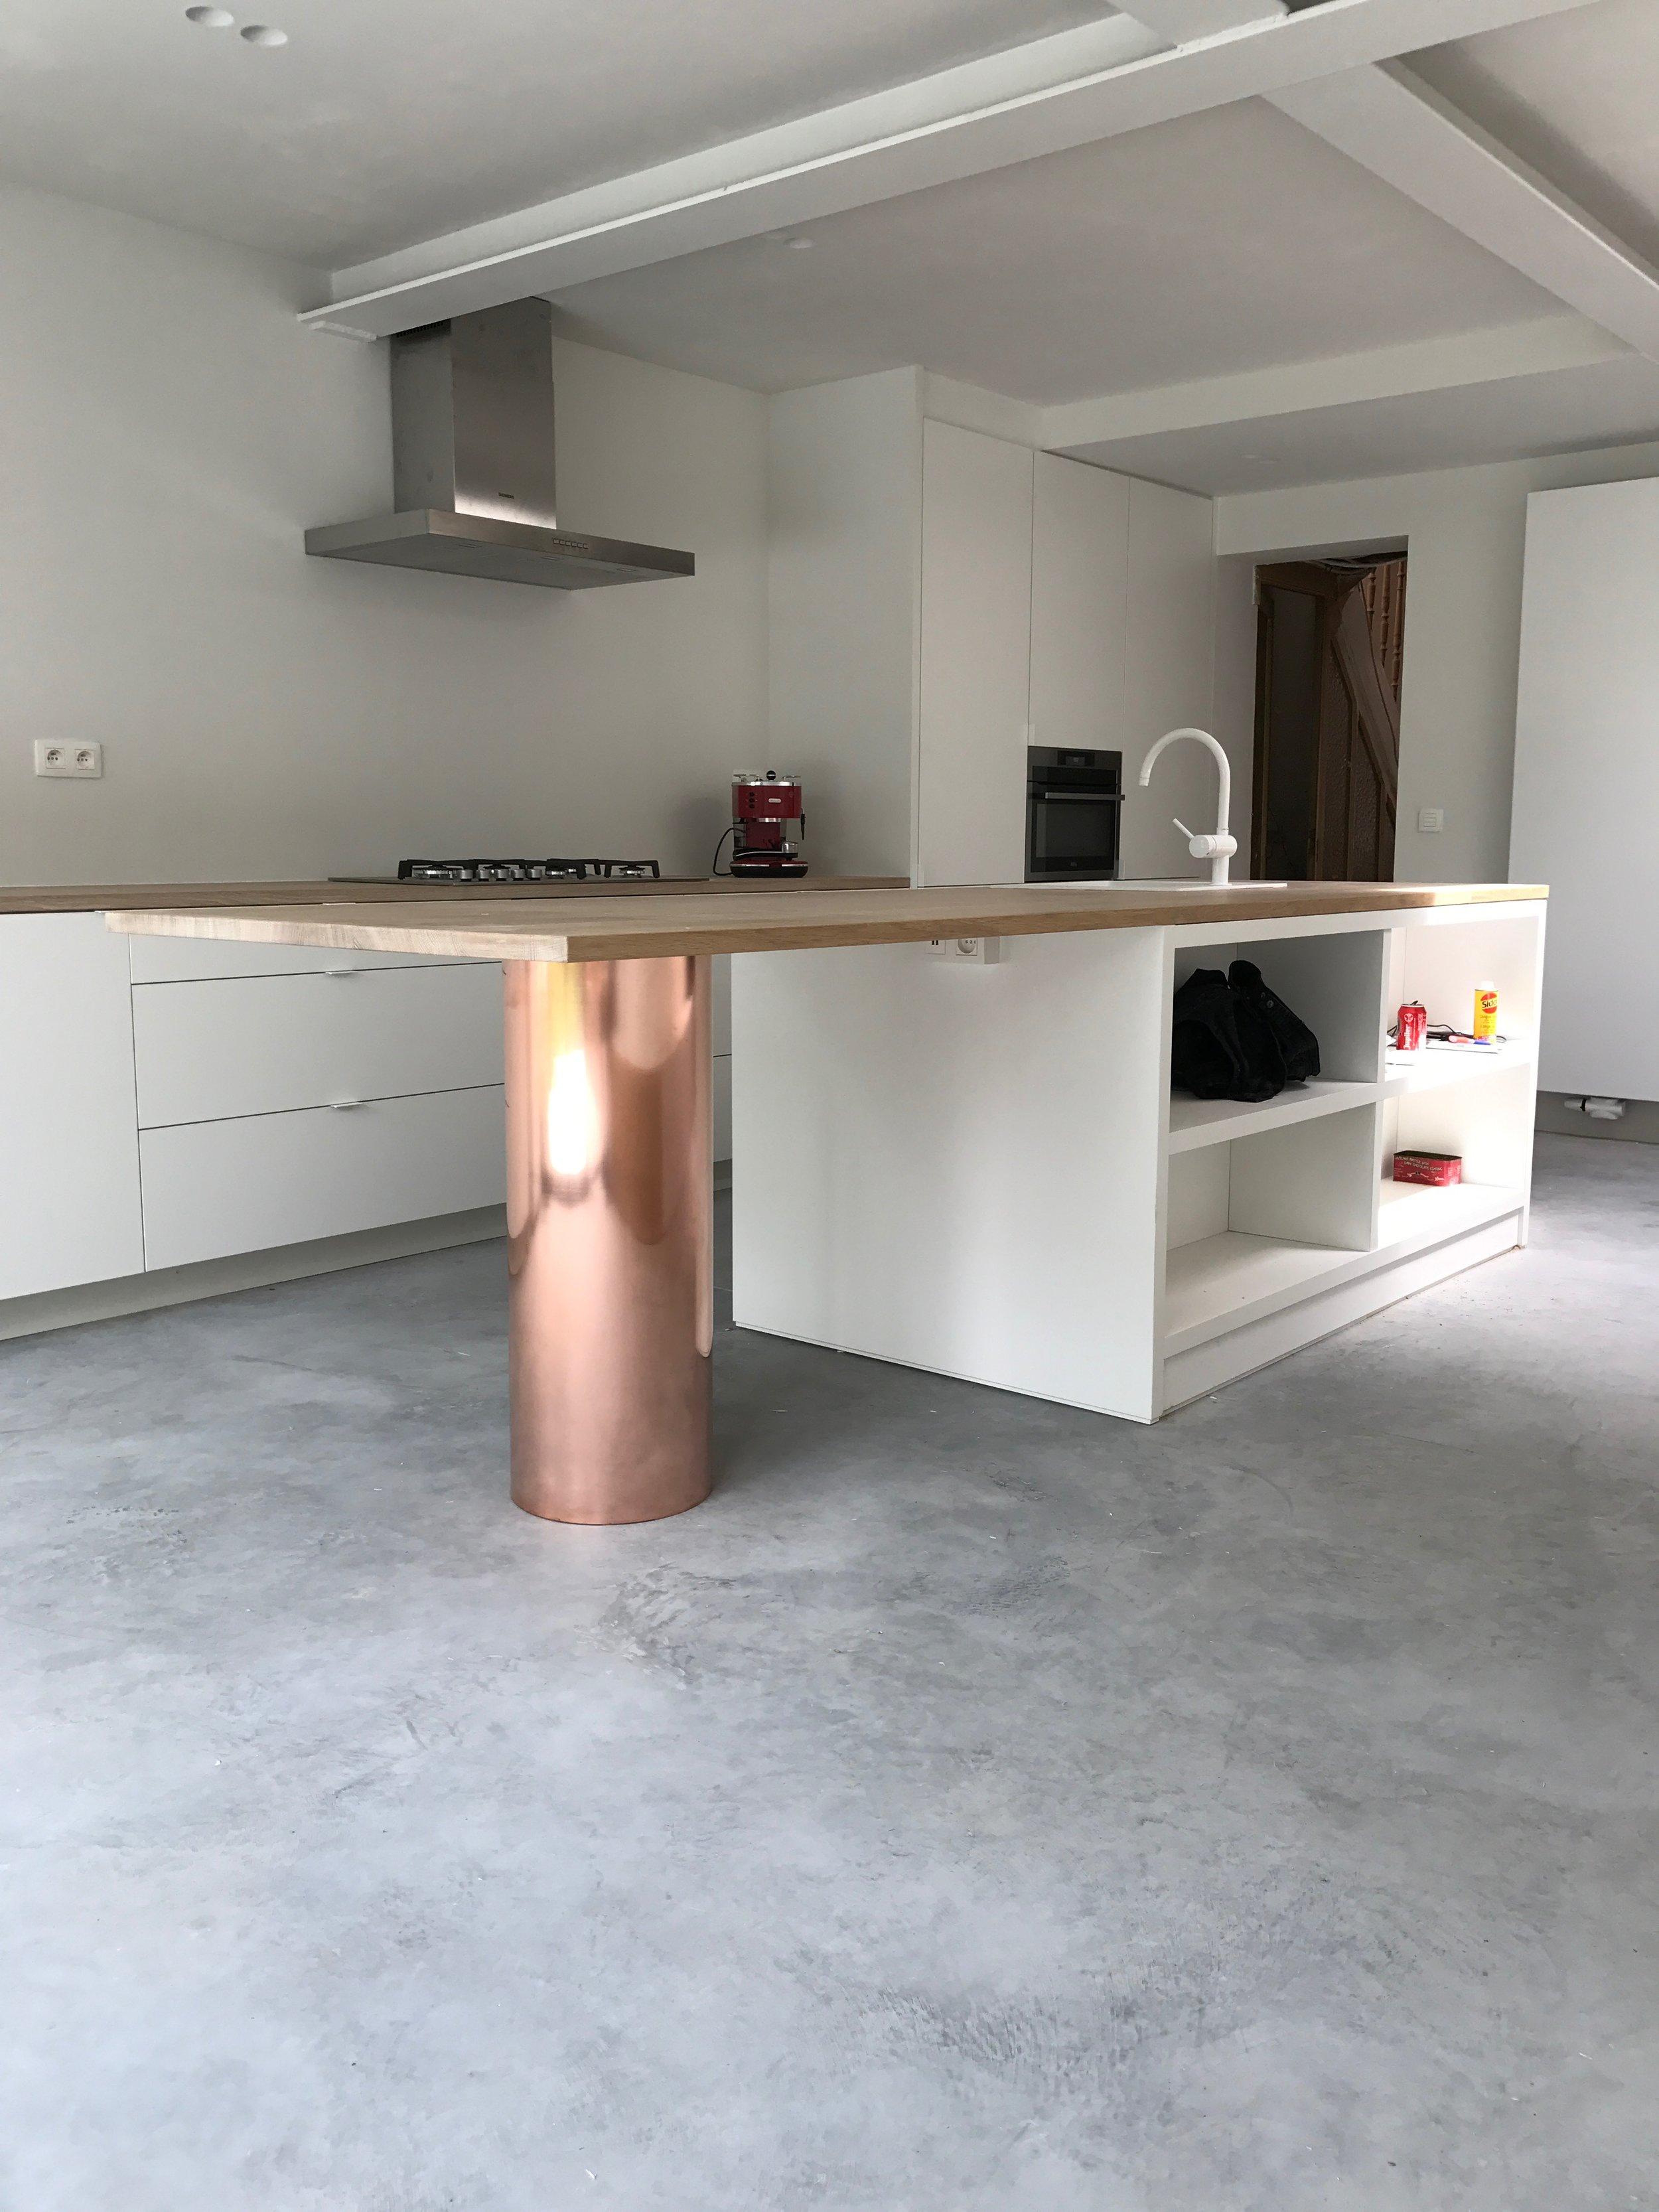 MyProject - Project Ulle renovatie woning keuken 2.jpg